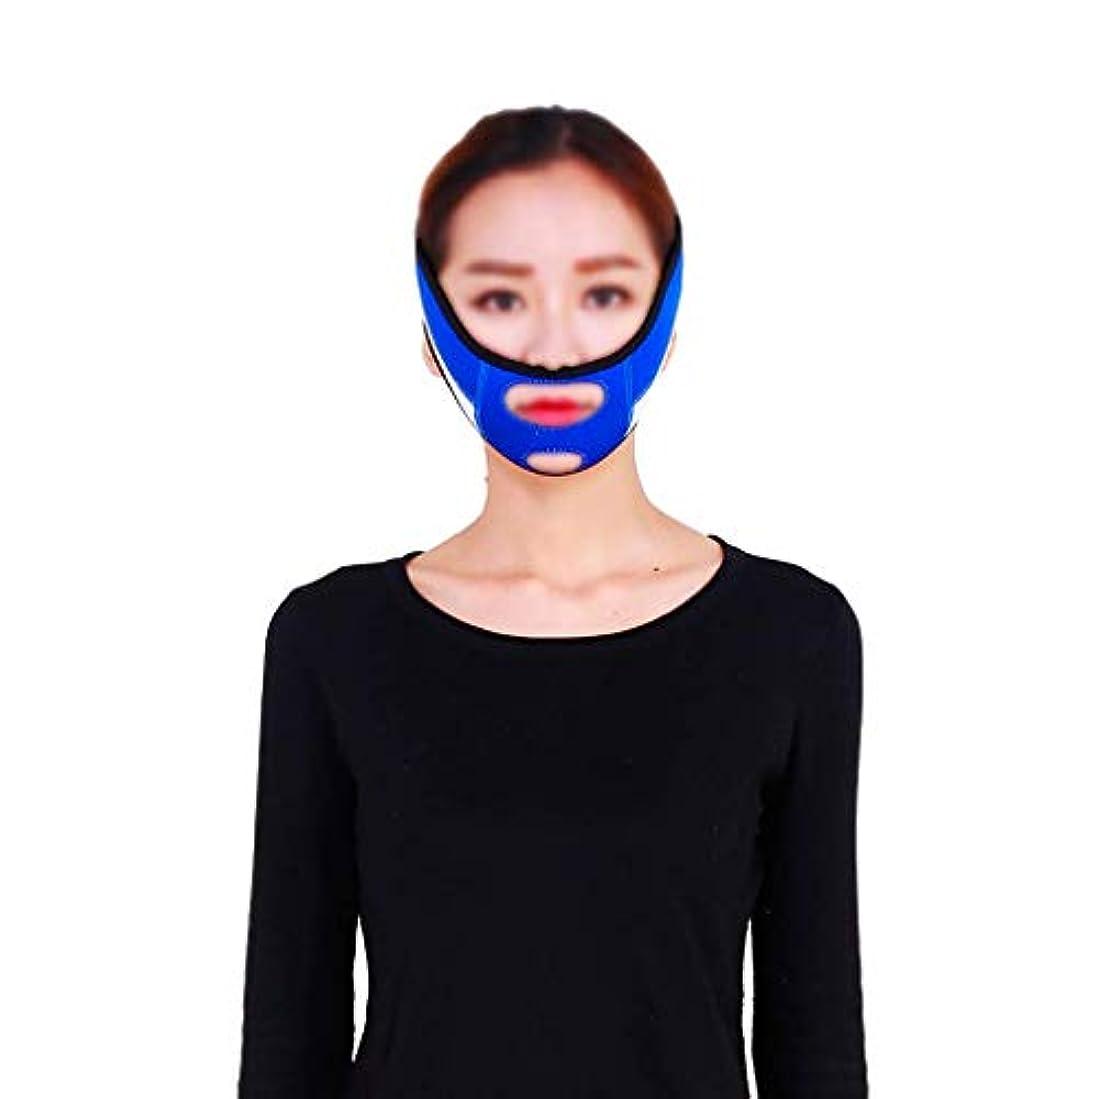 暗殺する更新する一人で引き締めフェイスマスク、たるみ肌を強化するために口を調整して滑り止め弾性伸縮性包帯を調整するための小さなVフェイスアーティファクトリフティングマスク